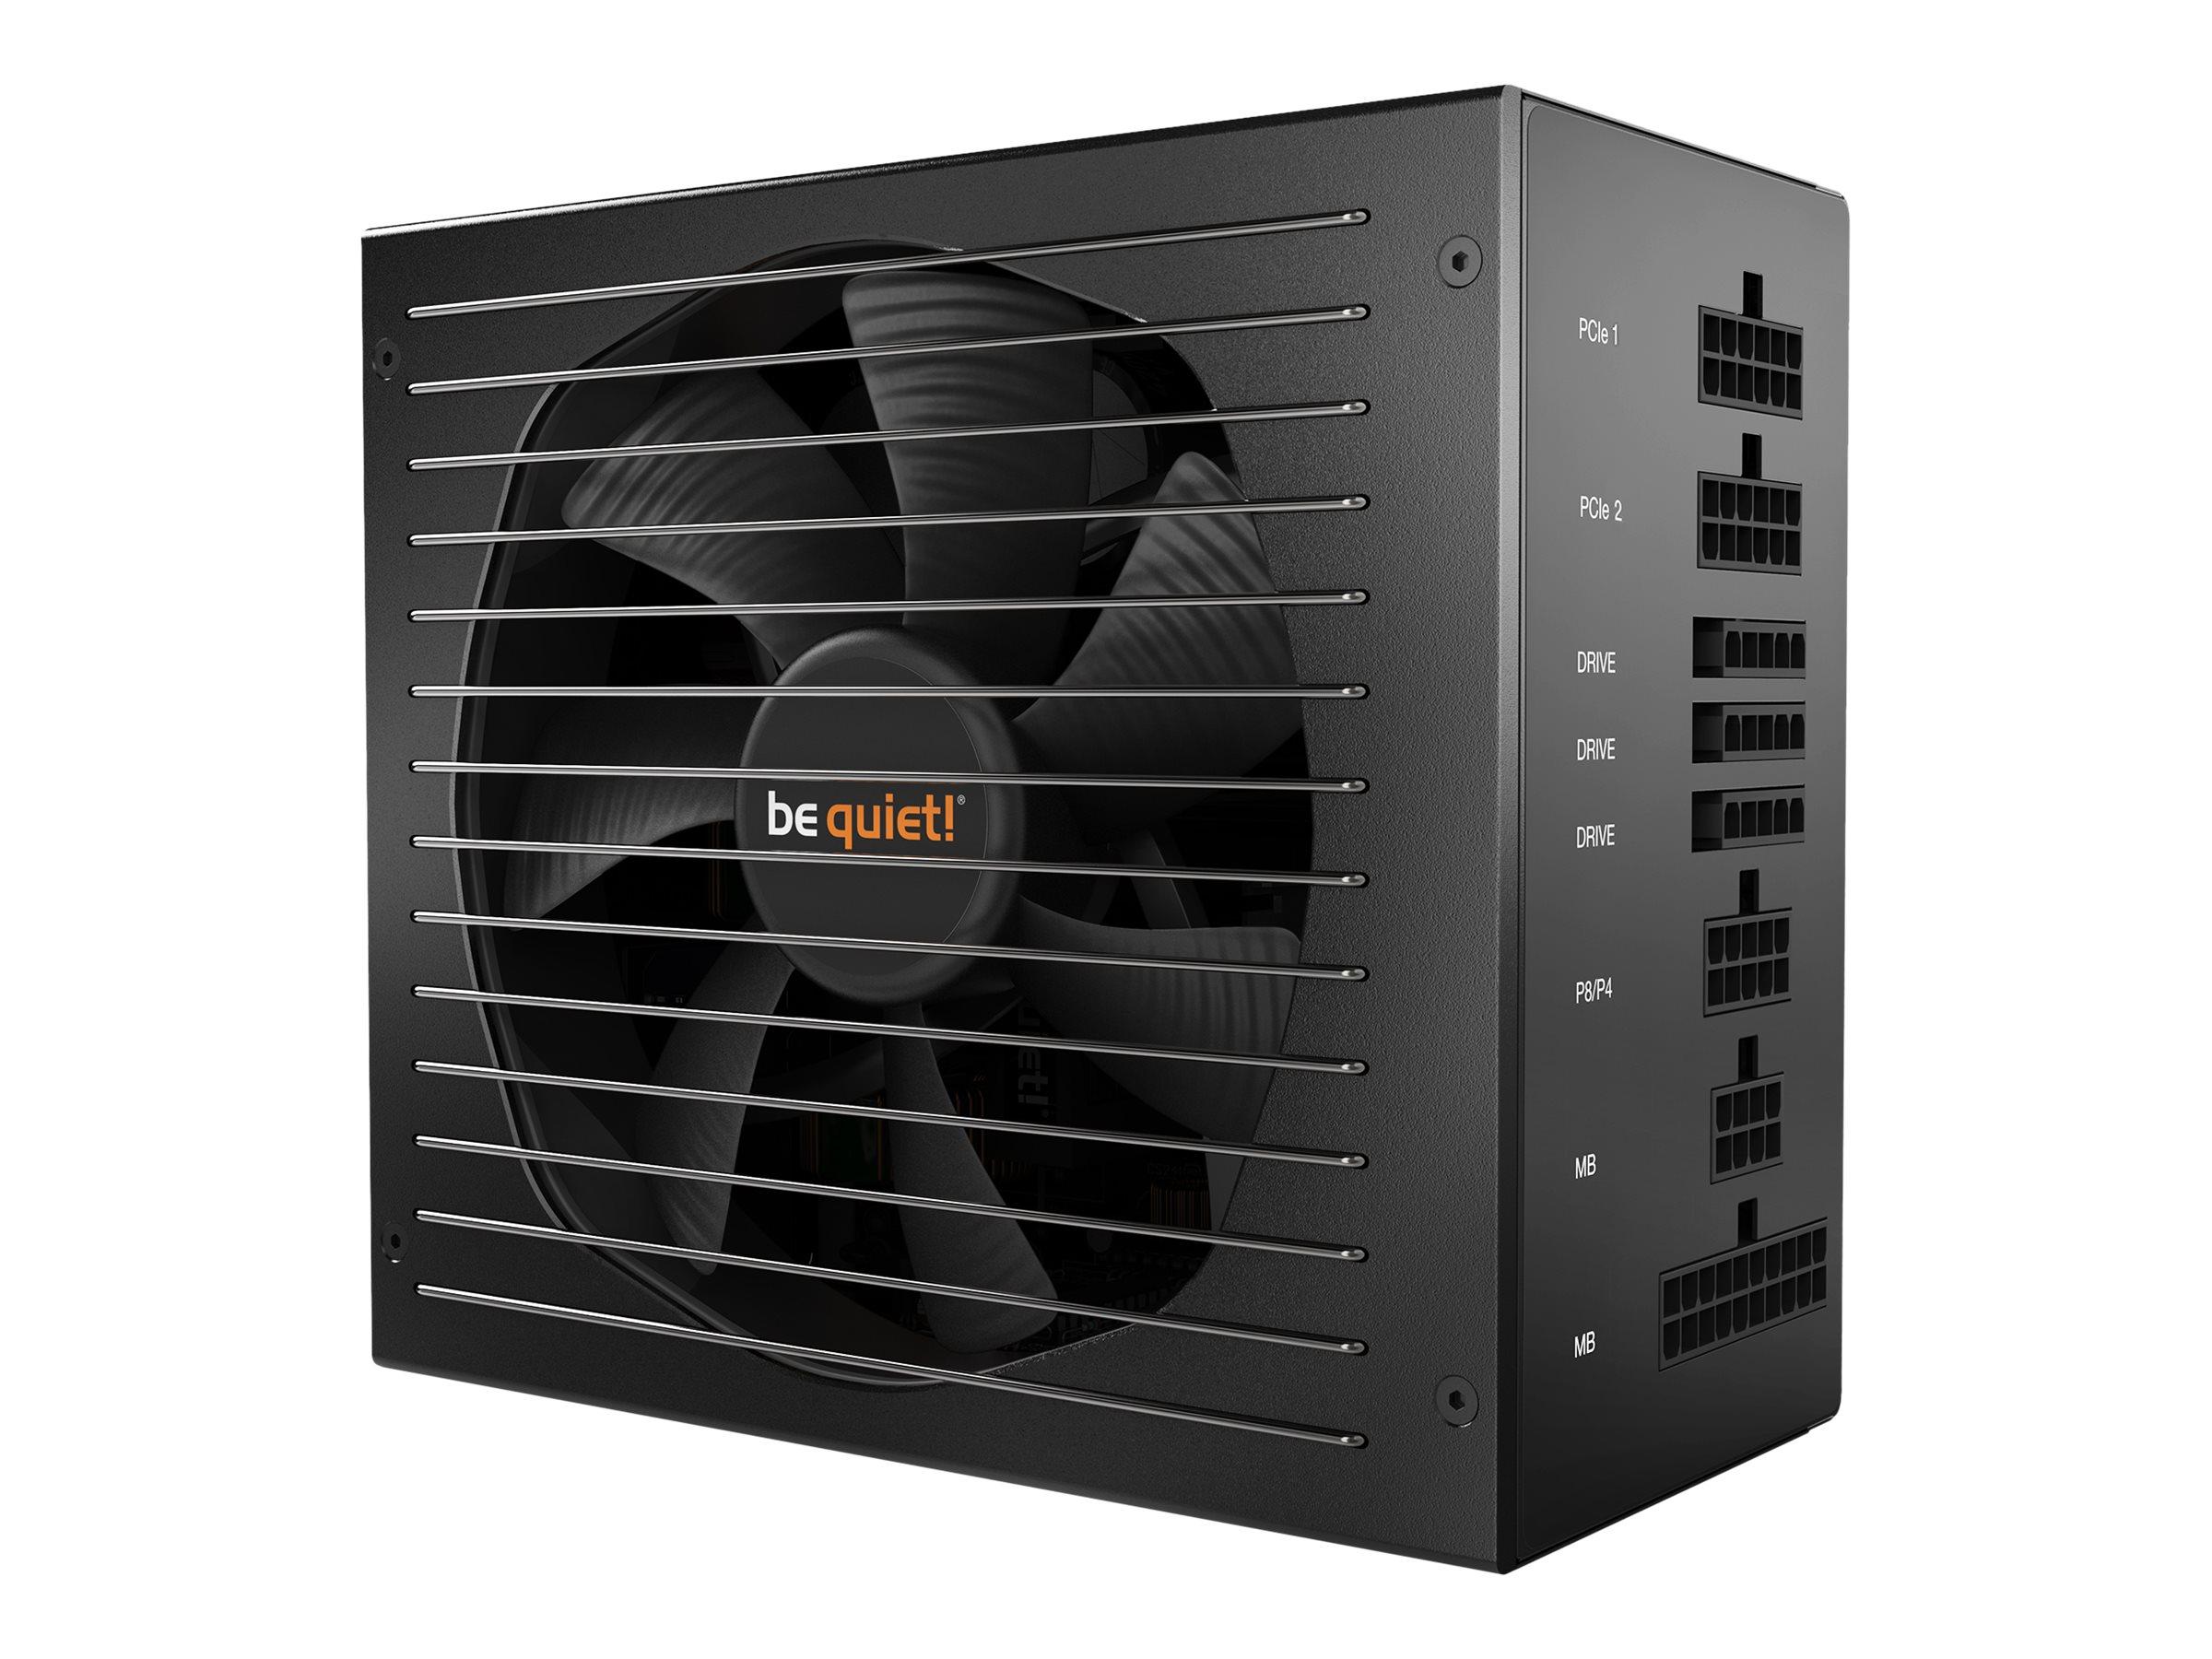 be quiet! Straight Power 11 Platinum 850W - Netzteil (intern) - ATX12V 2.51/ EPS12V 2.92 - 80 PLUS Platinum - Wechselstrom 100-2